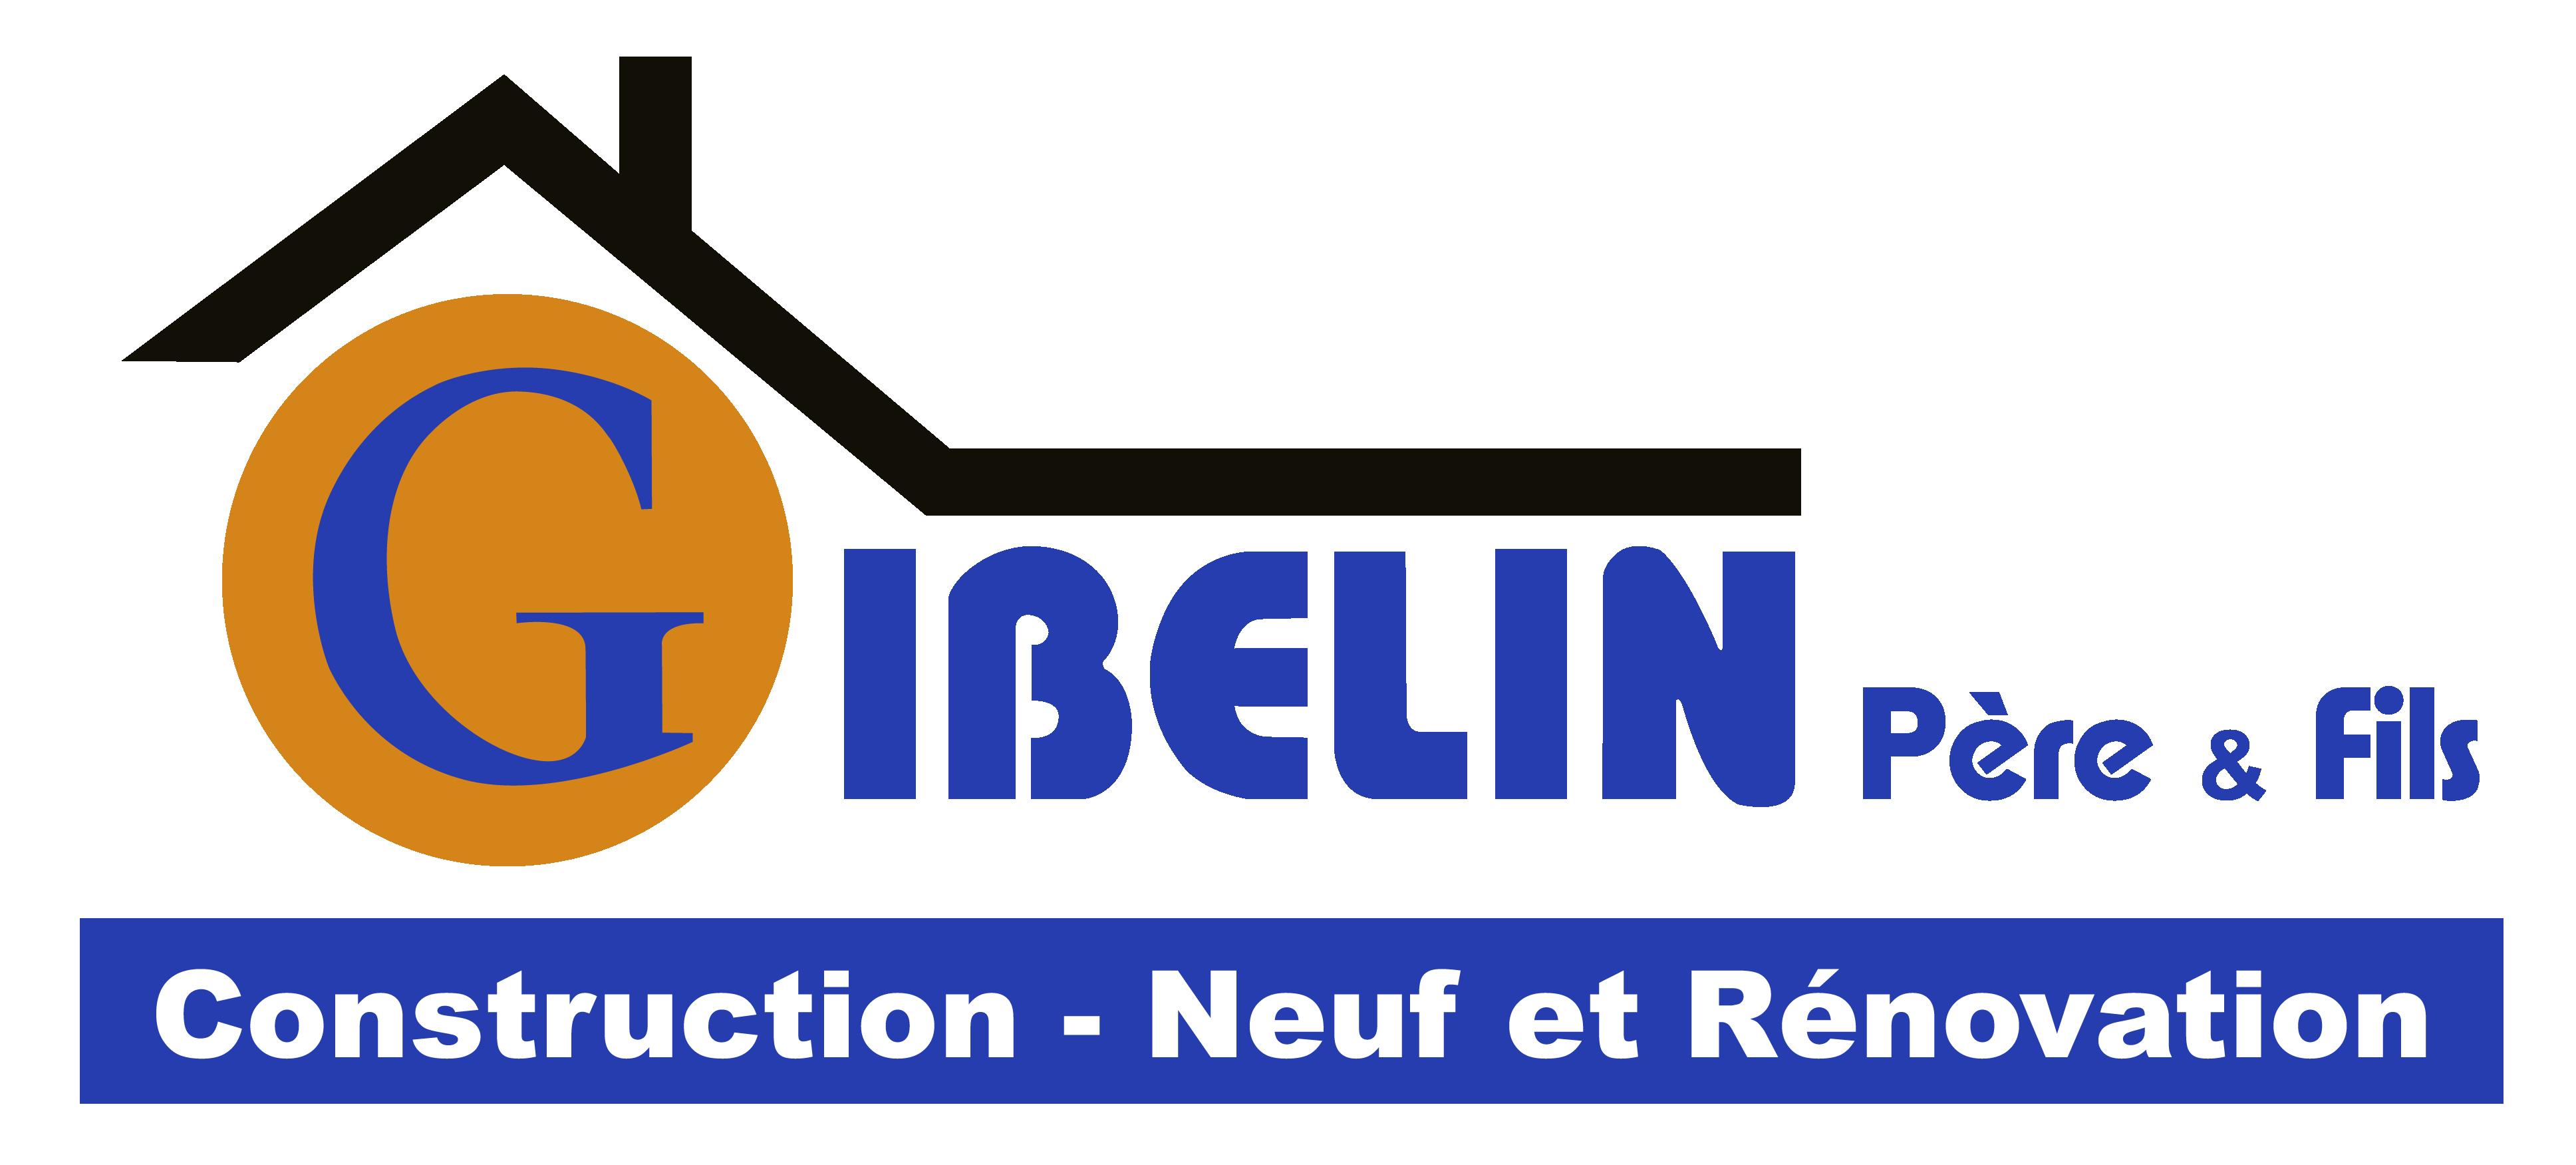 Gibelin